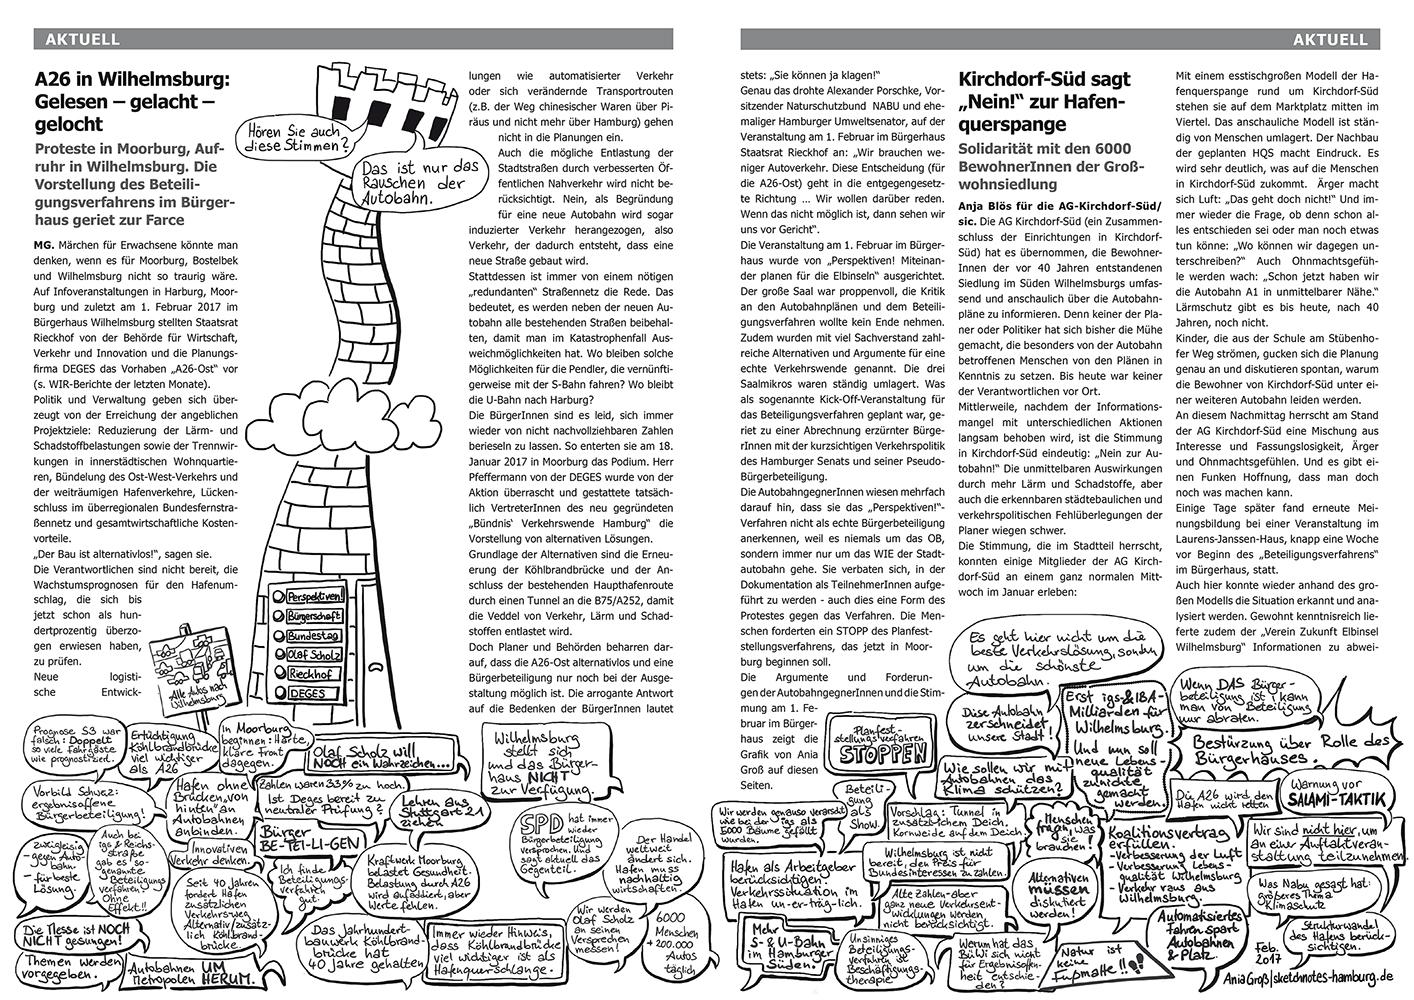 Das Bild zeigt die Doppelseite aus dem Wilhelmsburger InselRundblick. Über Sprechblasen, die alle relevanten Argumente gegen und einige für die Hafenquerspange enthalten, wackelt ein hoher Turm mit den Verantwortlichen, die sich weigern, die guten Arguemte zu hören. Sketchnotes: © Ania Groß